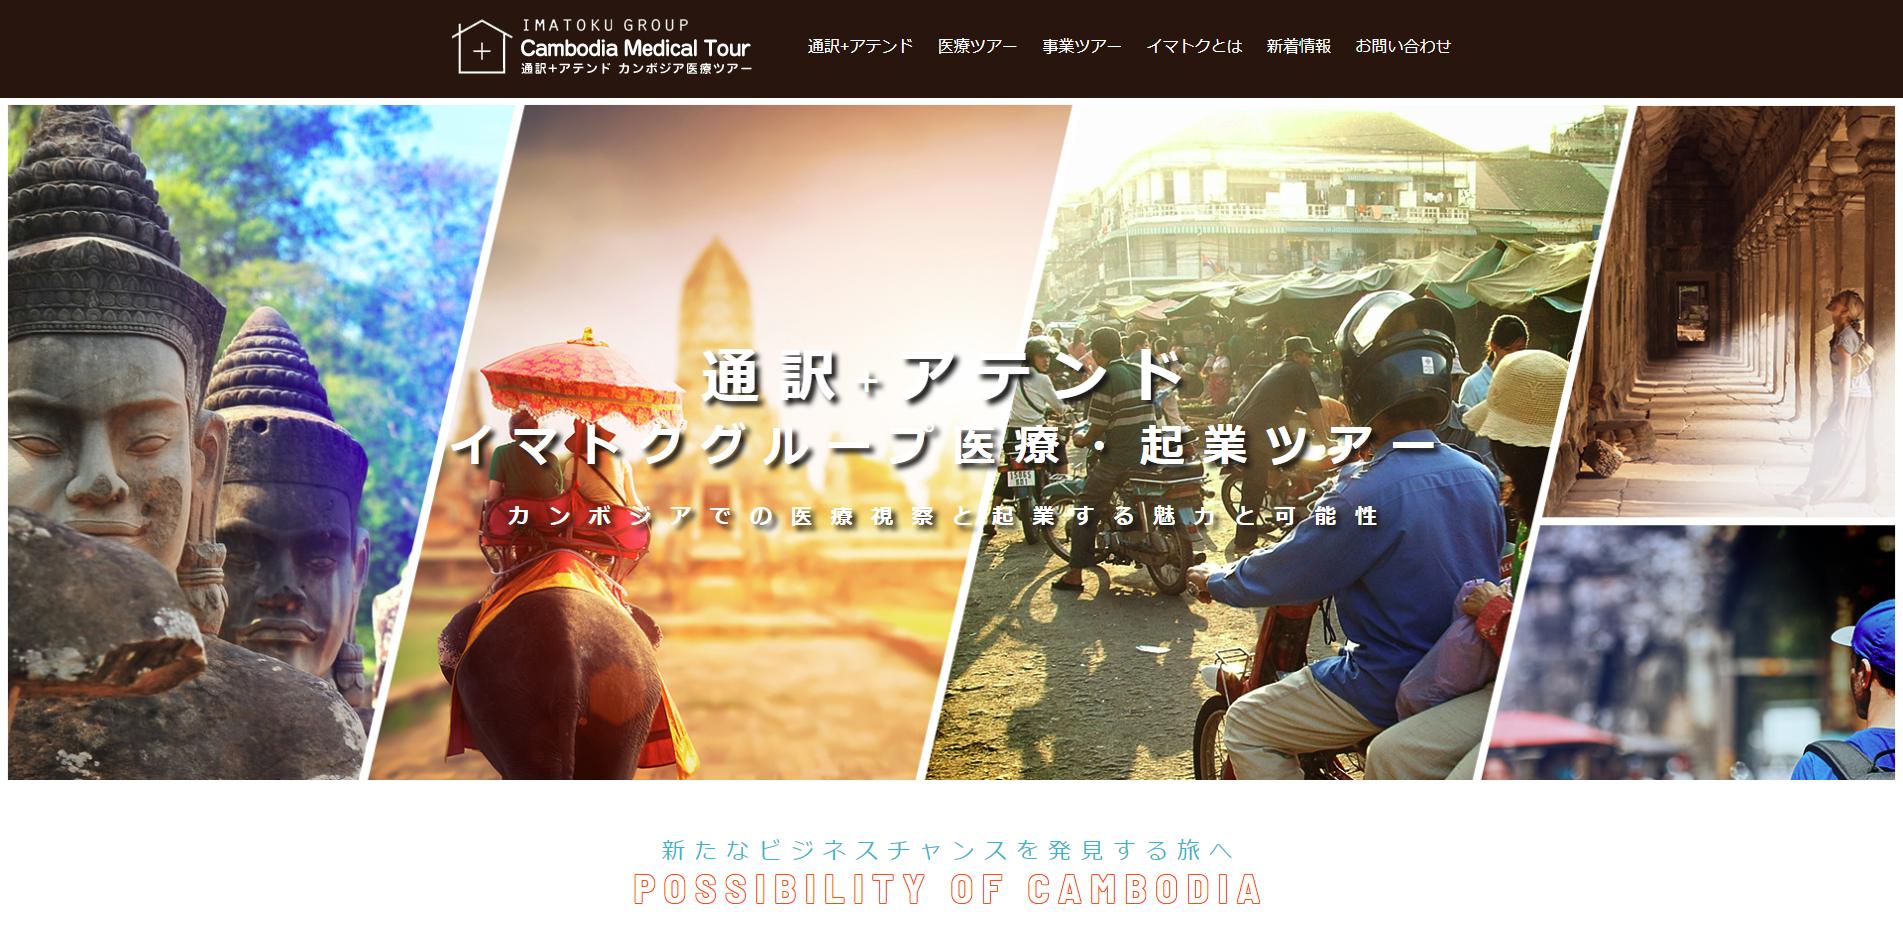 通訳+アテンド イマトクグループ医療・起業ツアー公式サイトリリース